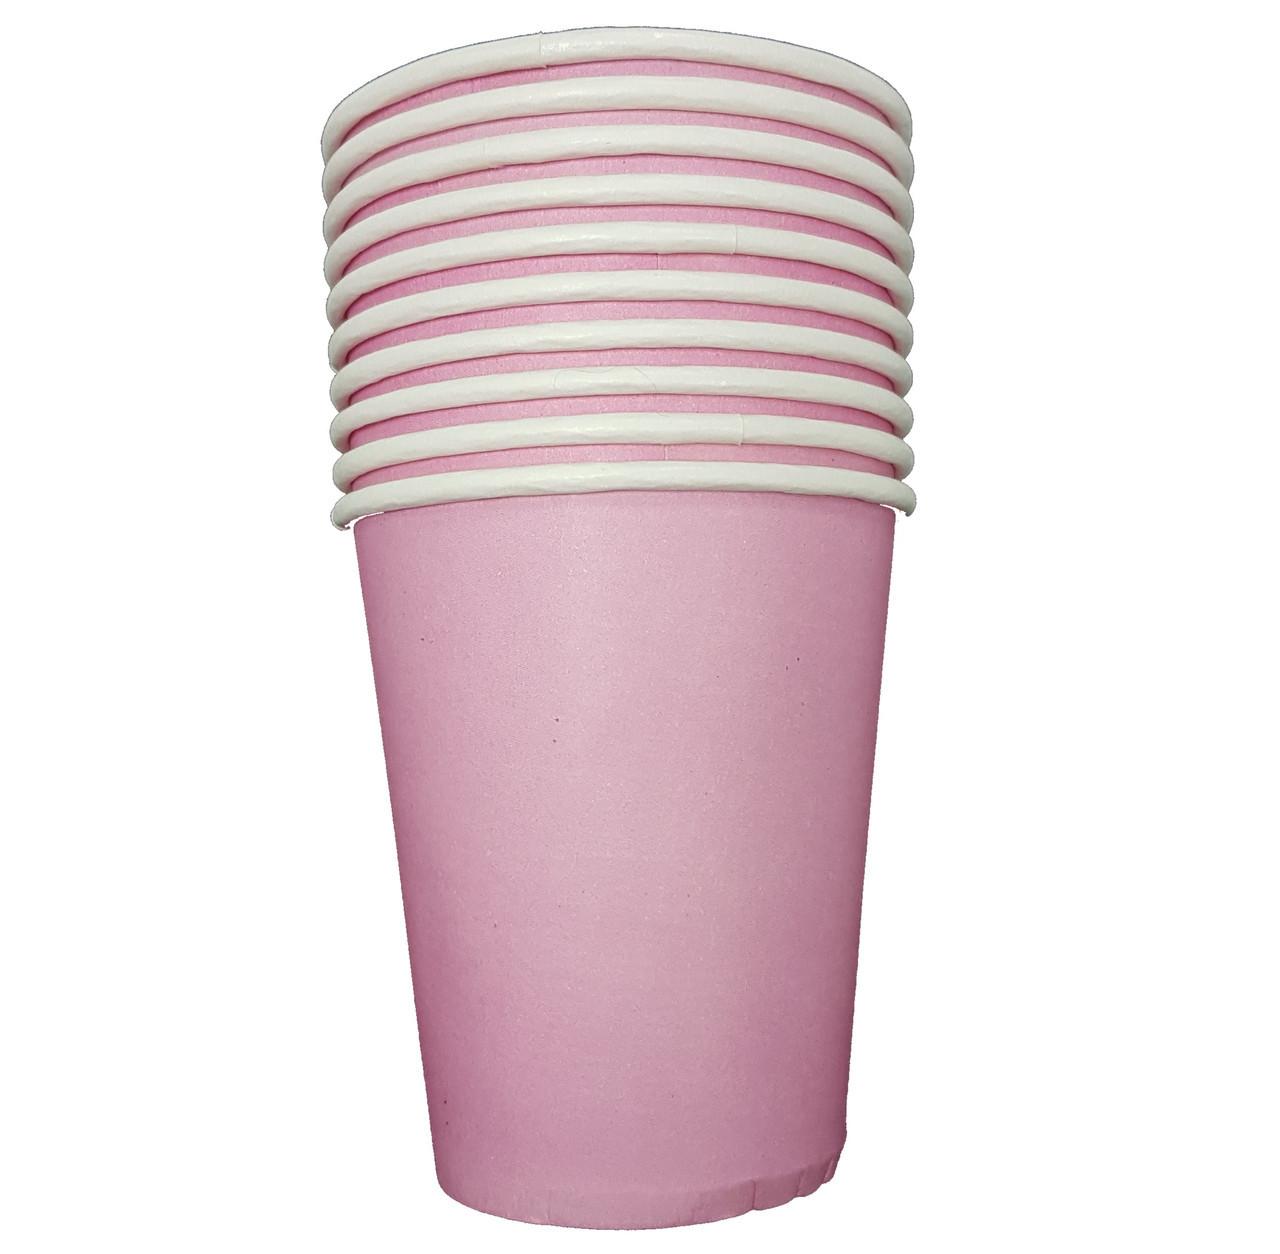 Стаканчики бумажные розовые 10шт., для вечеринки Baby Shower